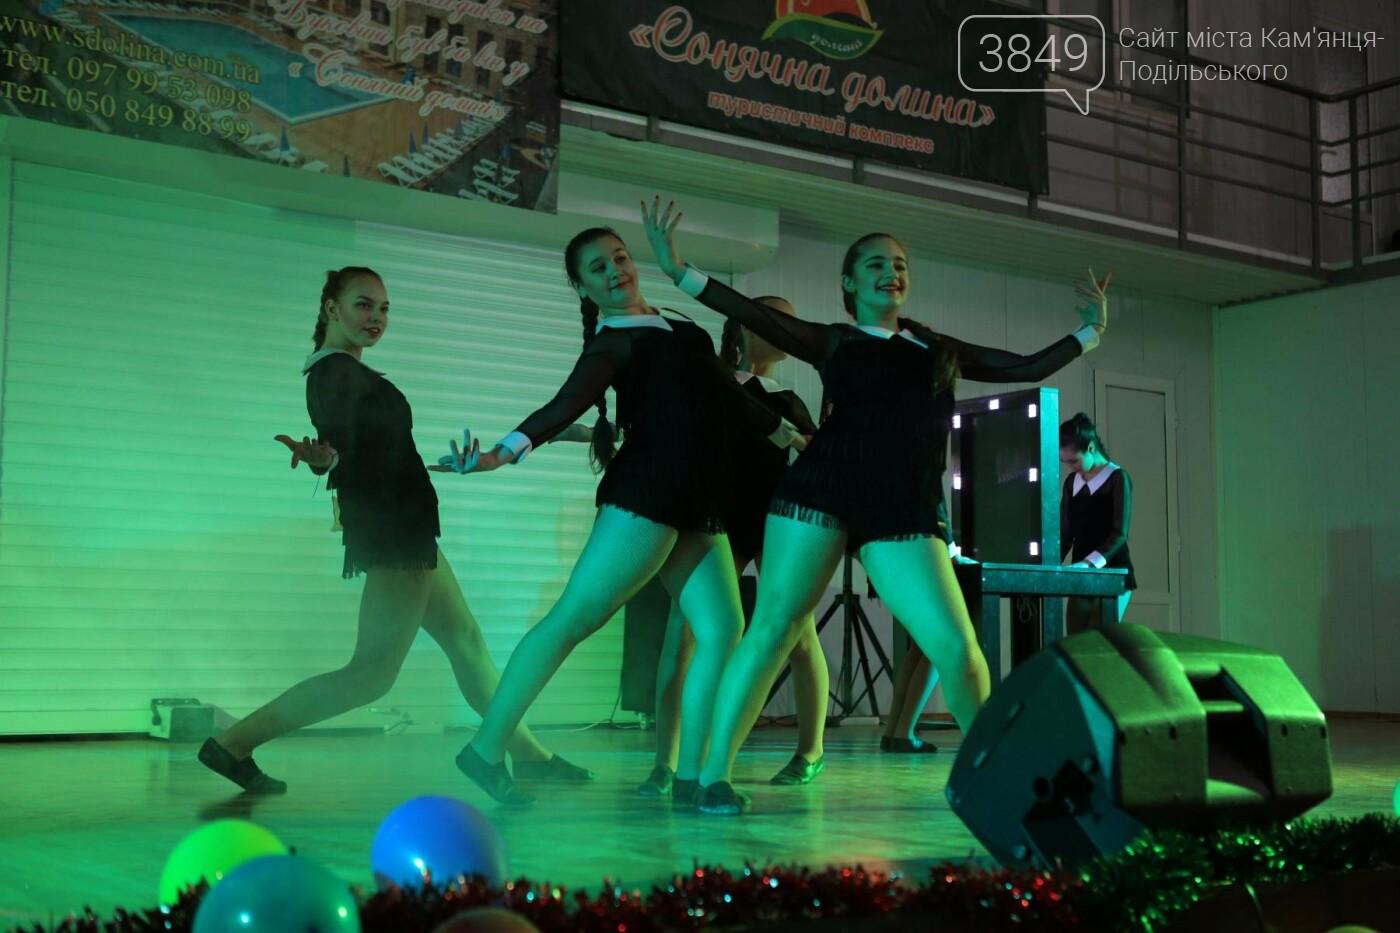 Танцювальний колектив із Кам'янця став лауреатом I премії на Міжнародному фестивалі, фото-6